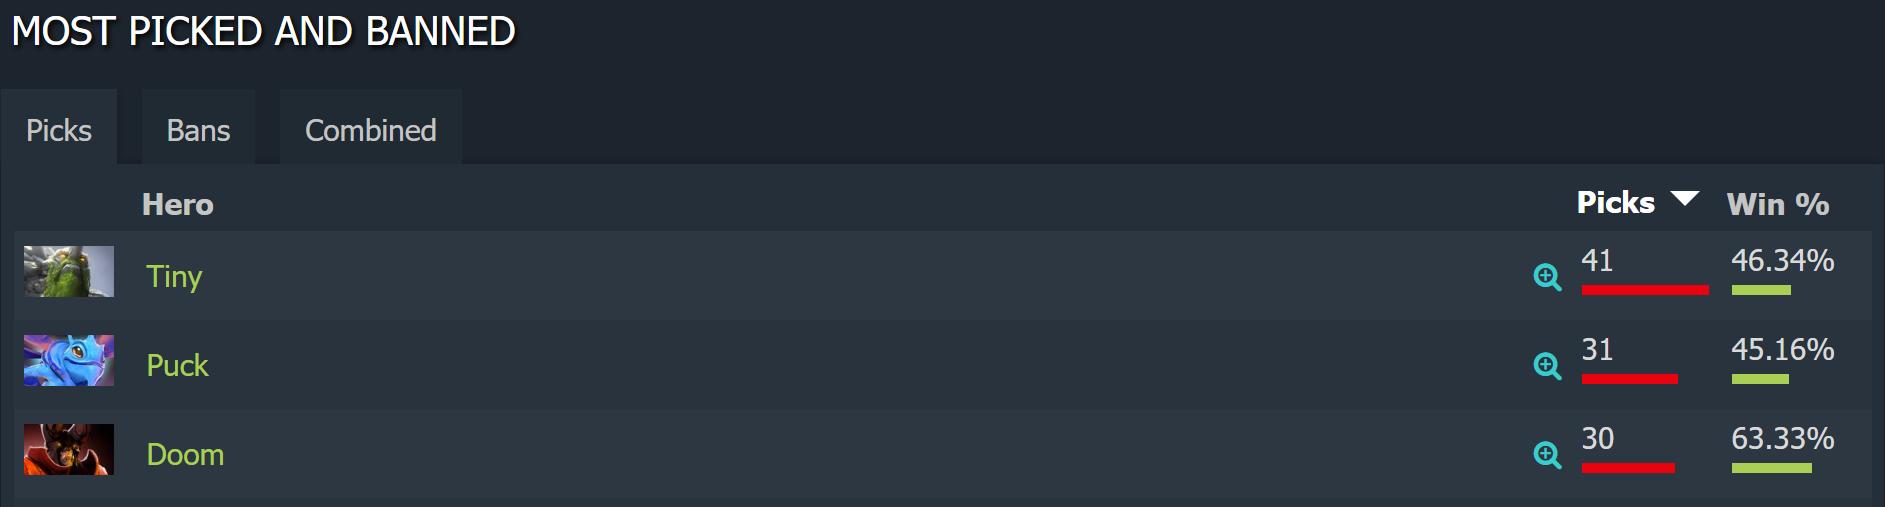 puck meta - Xếp hạng những Mid Hero của phiên bản 7.23e: Nỗi khiếp sợ mang tên Viper